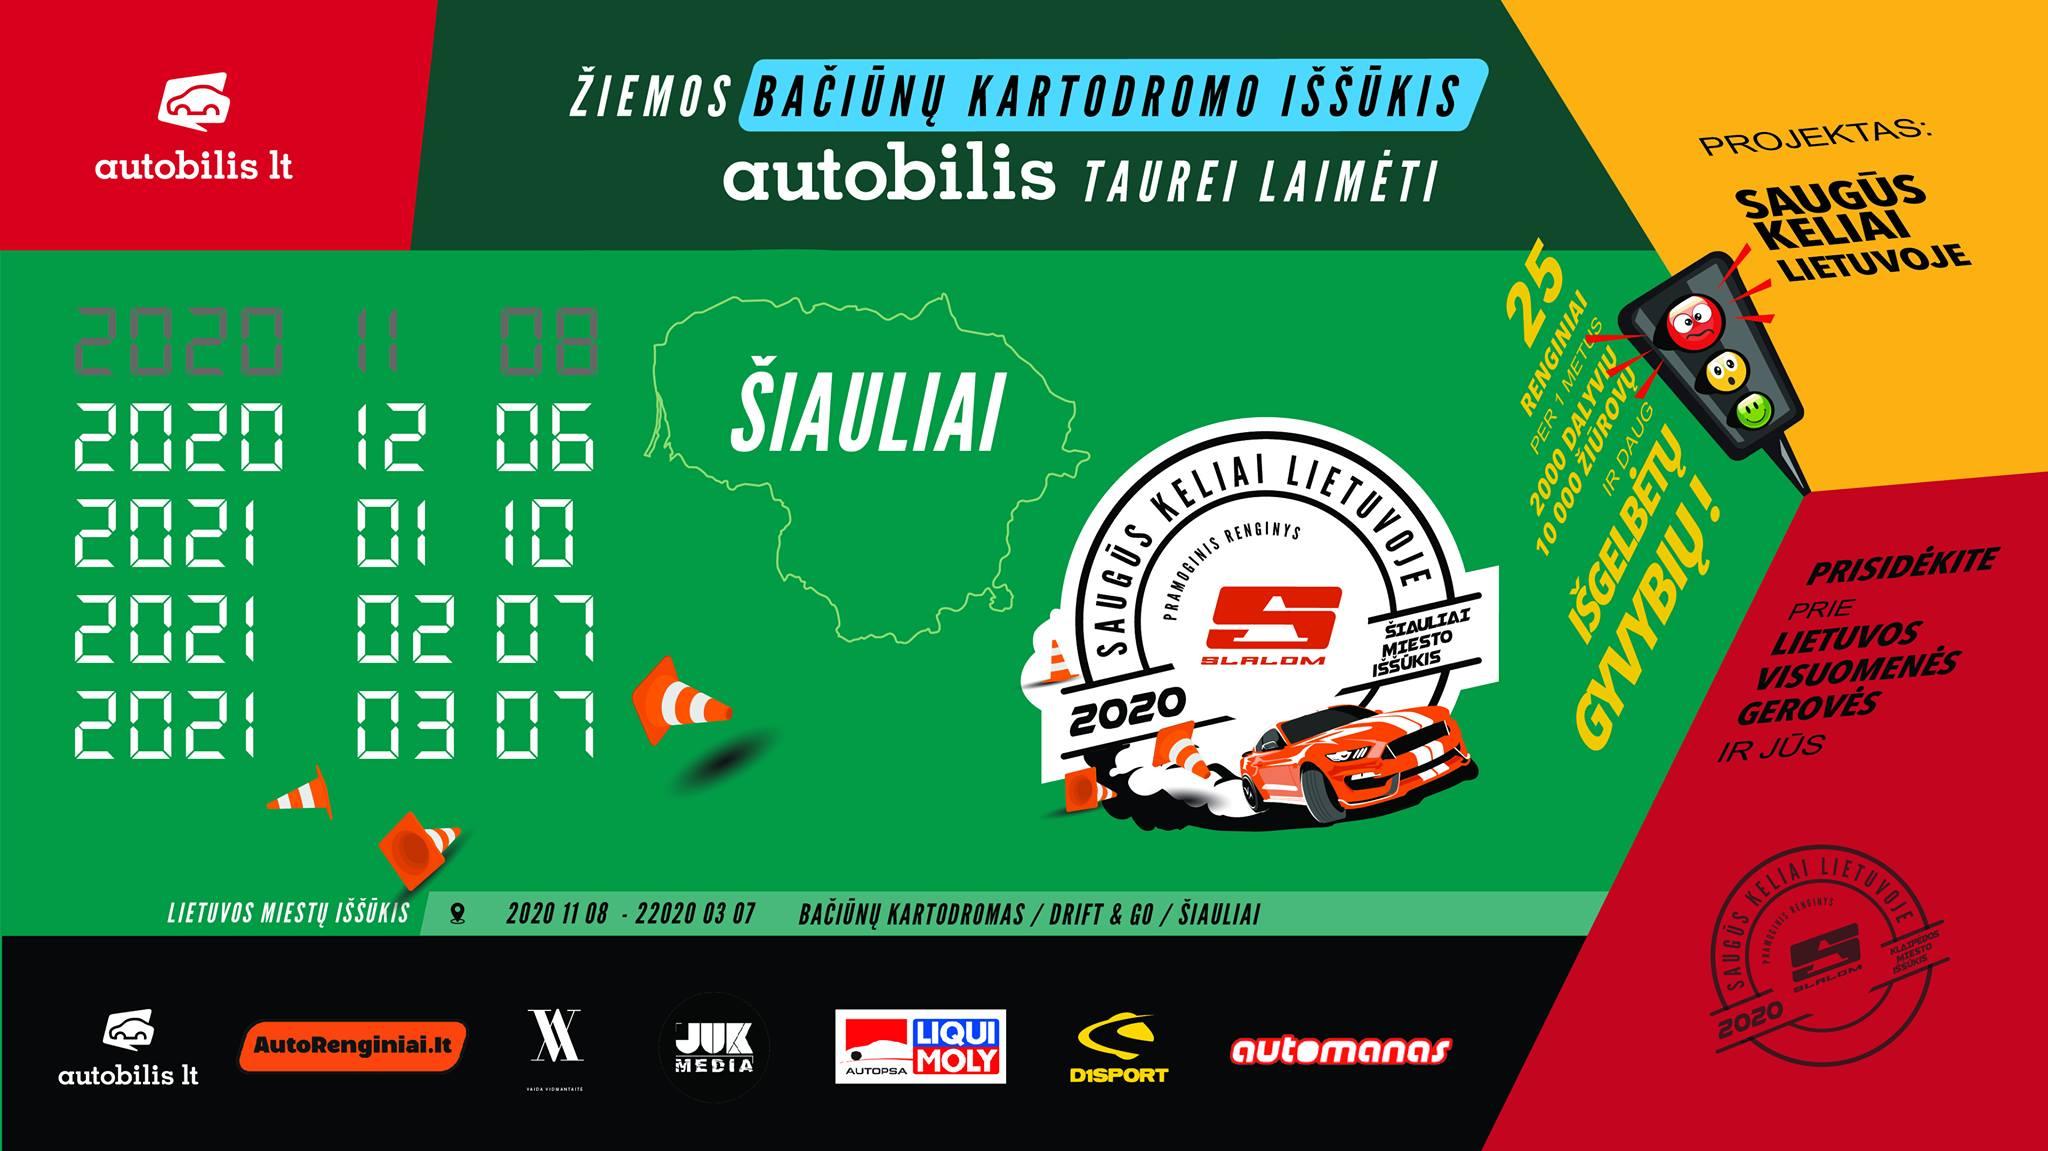 Žiemos Bačiūnų Kartodromo Iššūkiai Autobilis Taurei Laimėti 2 etapas